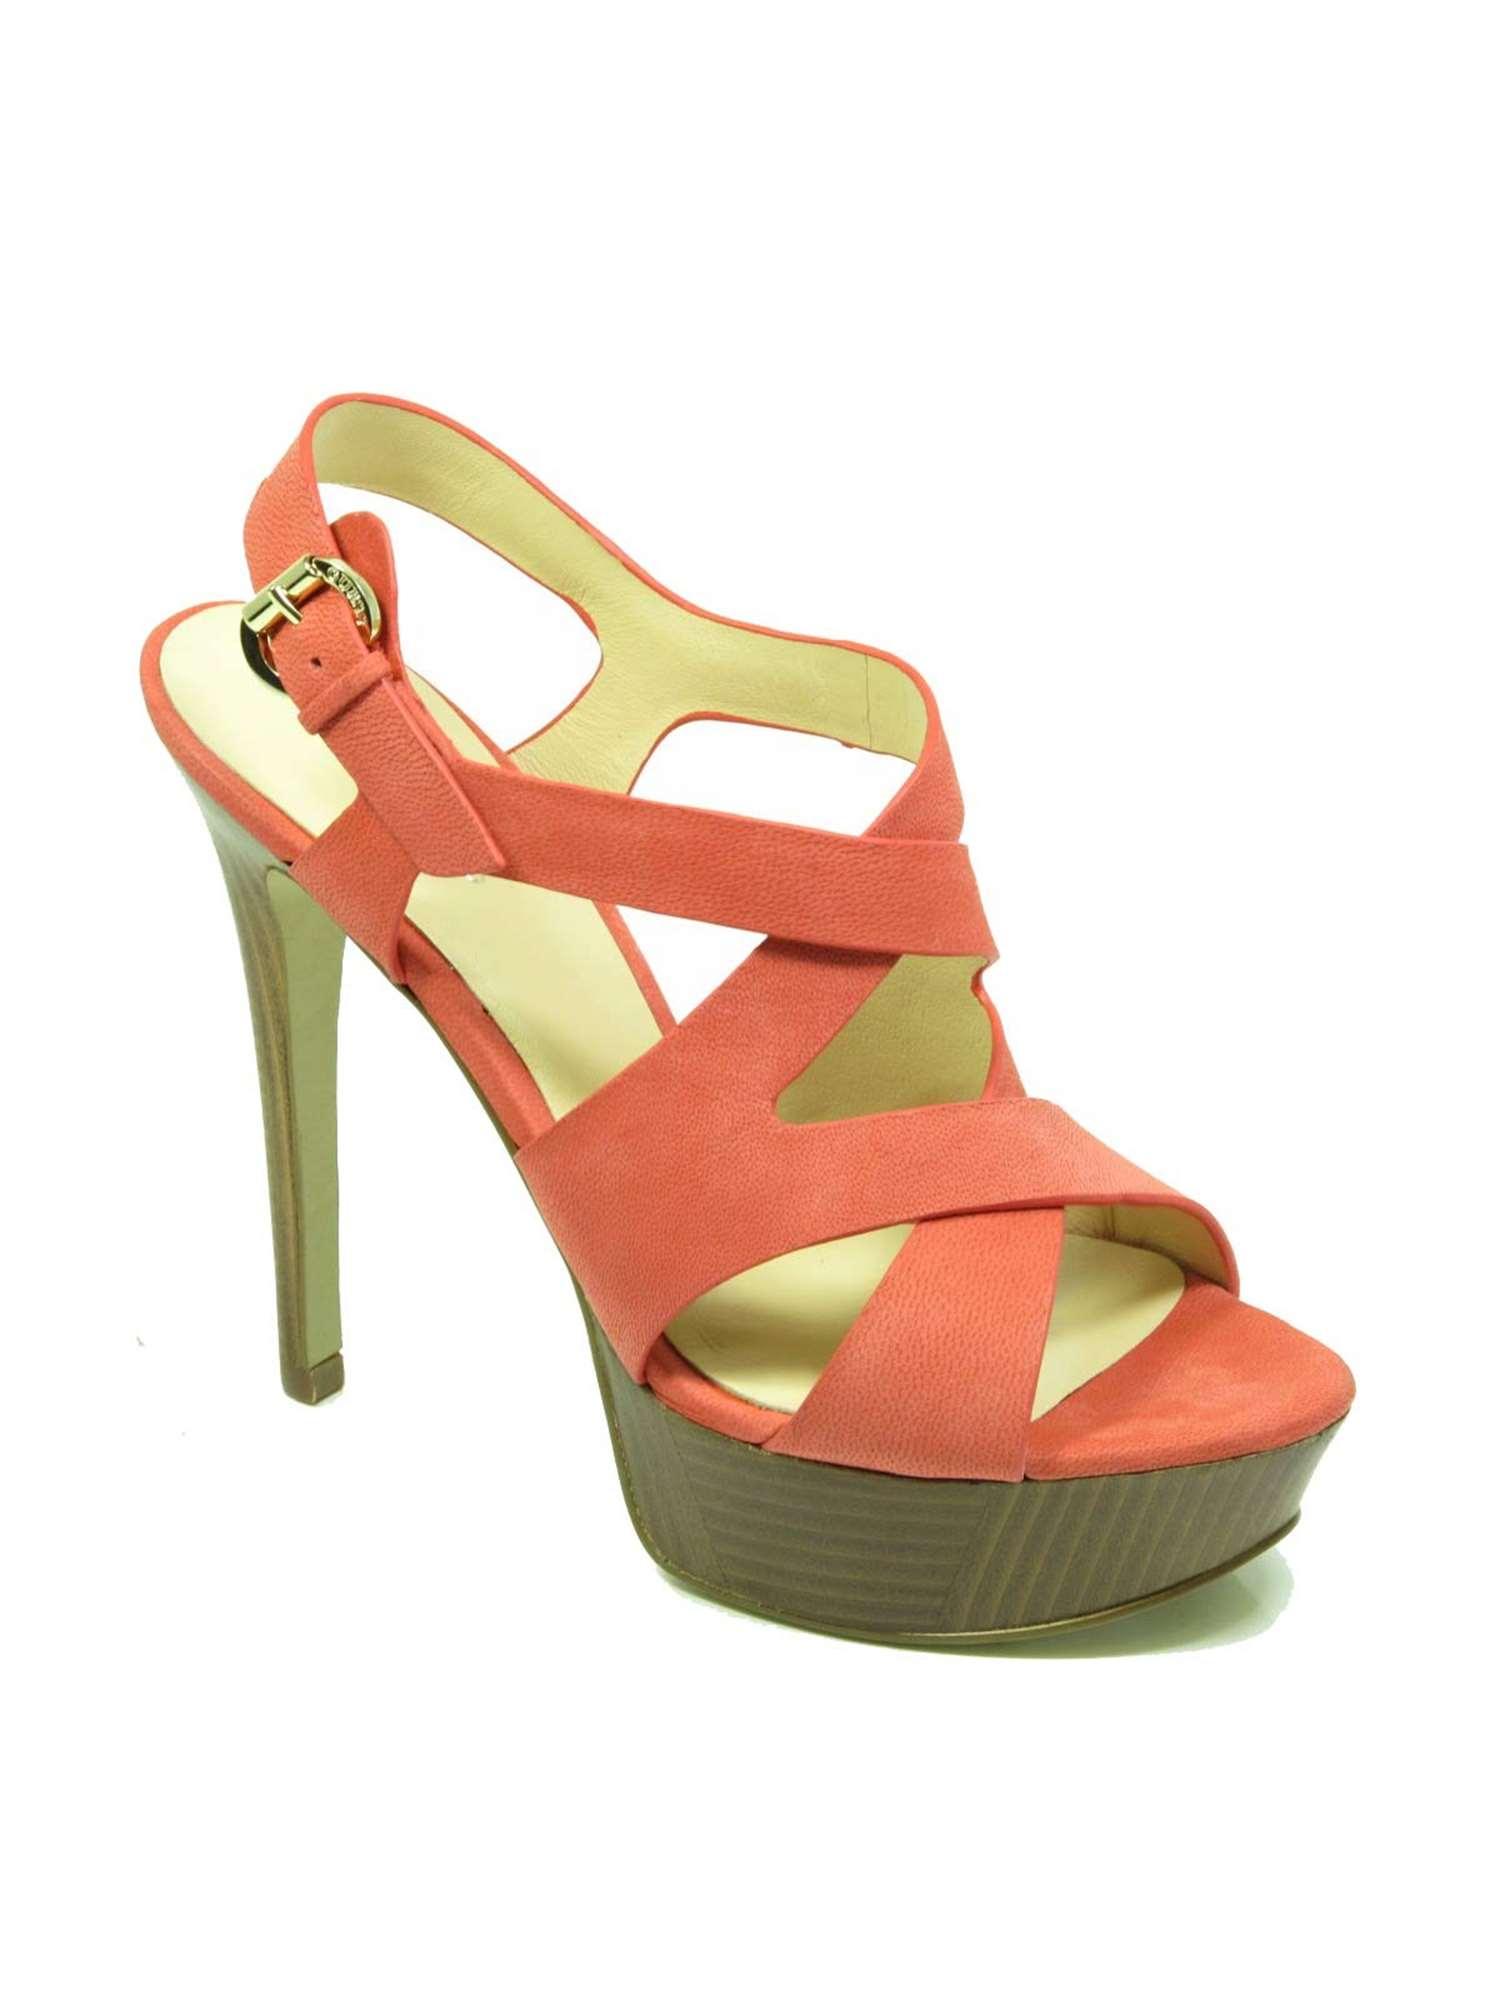 Guess Calzature Sandalo Rosso | Sandalo Donna Nubuk | Tania